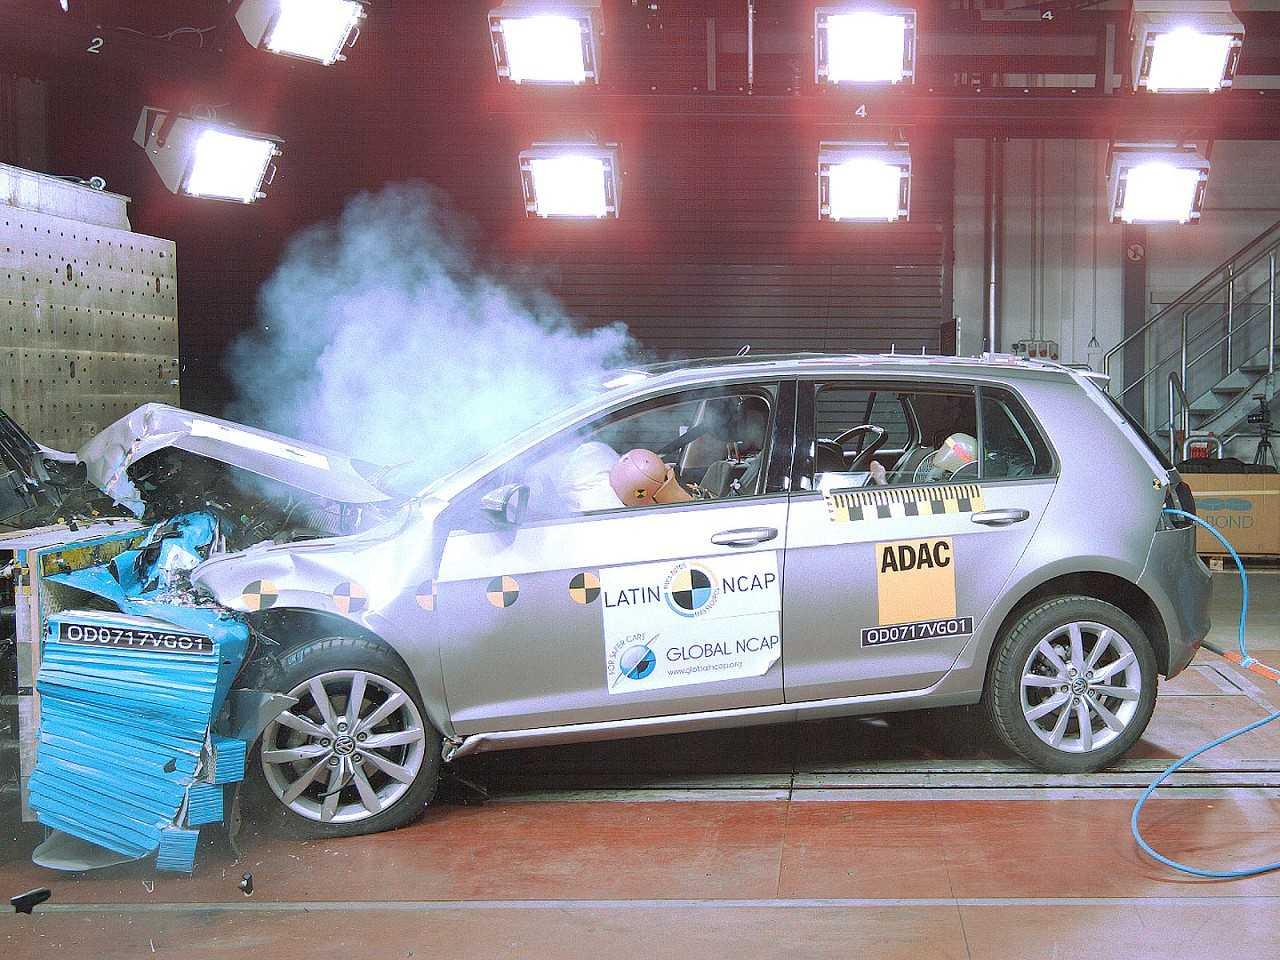 Avaliado com padrões mais rígidos, Volkswagen Golf obtém classificação máxima de segurança pelo Latin NCAP